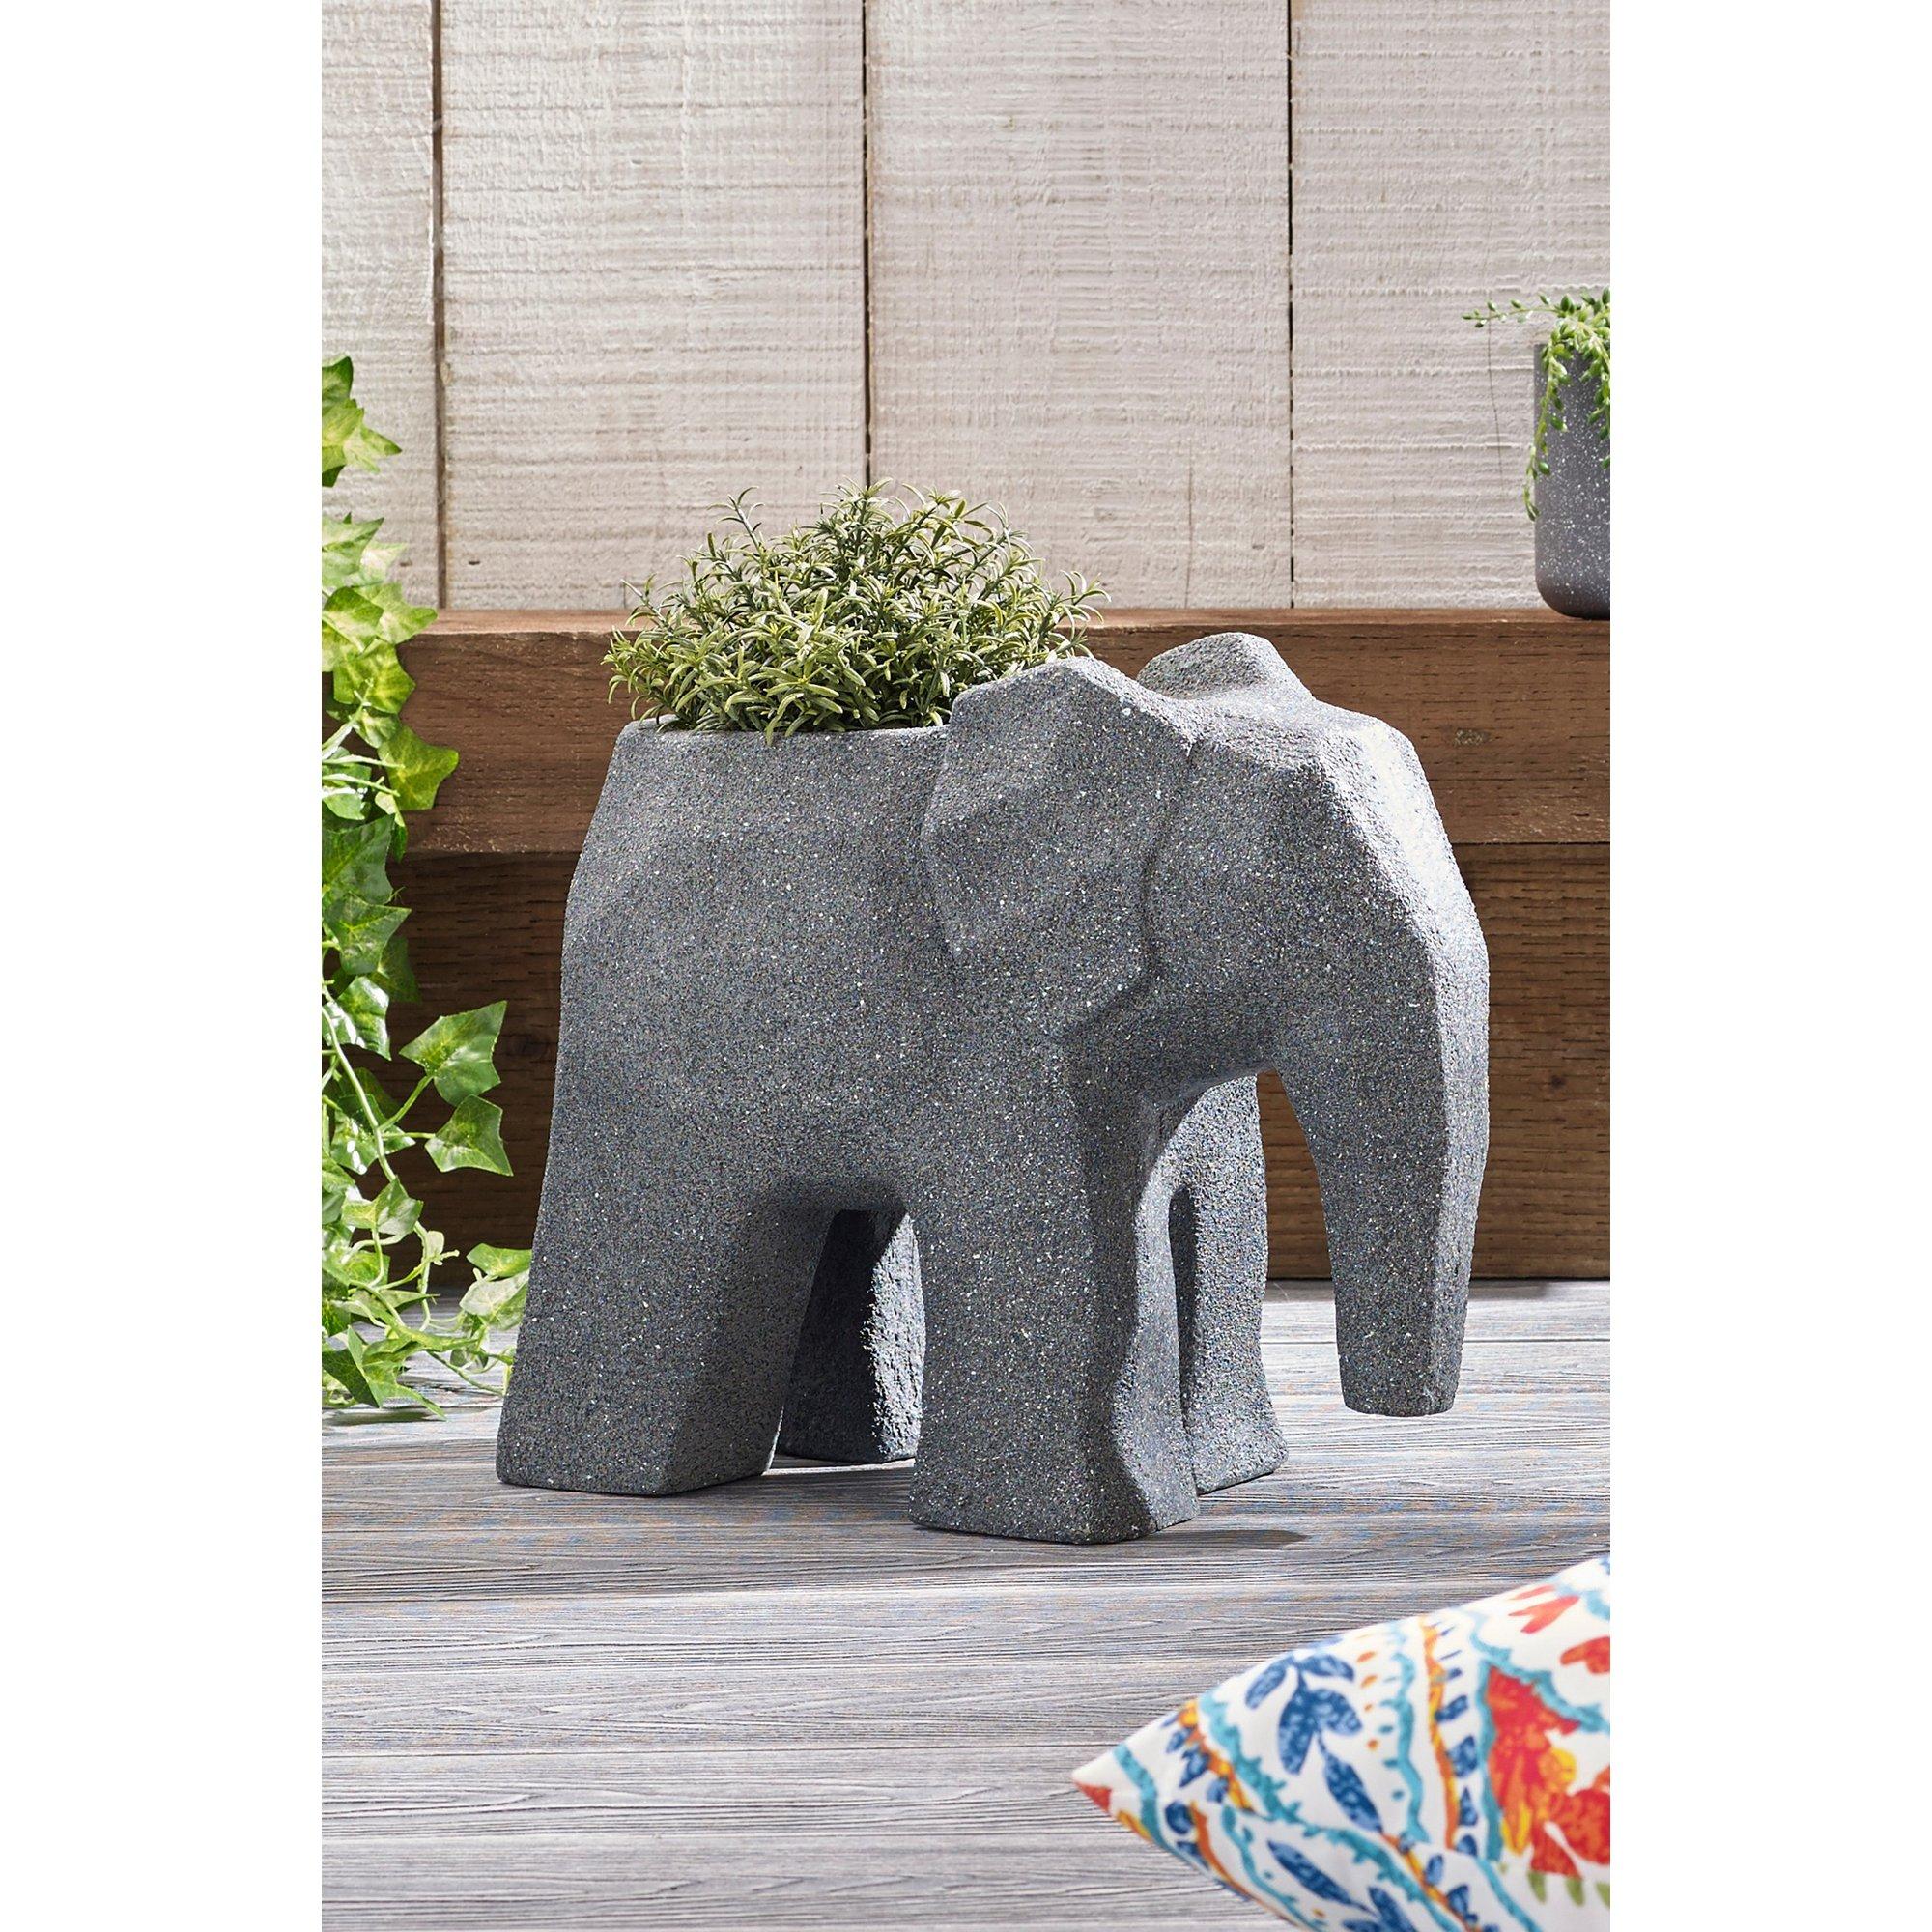 Image of Elephant Fibre Clay Planter